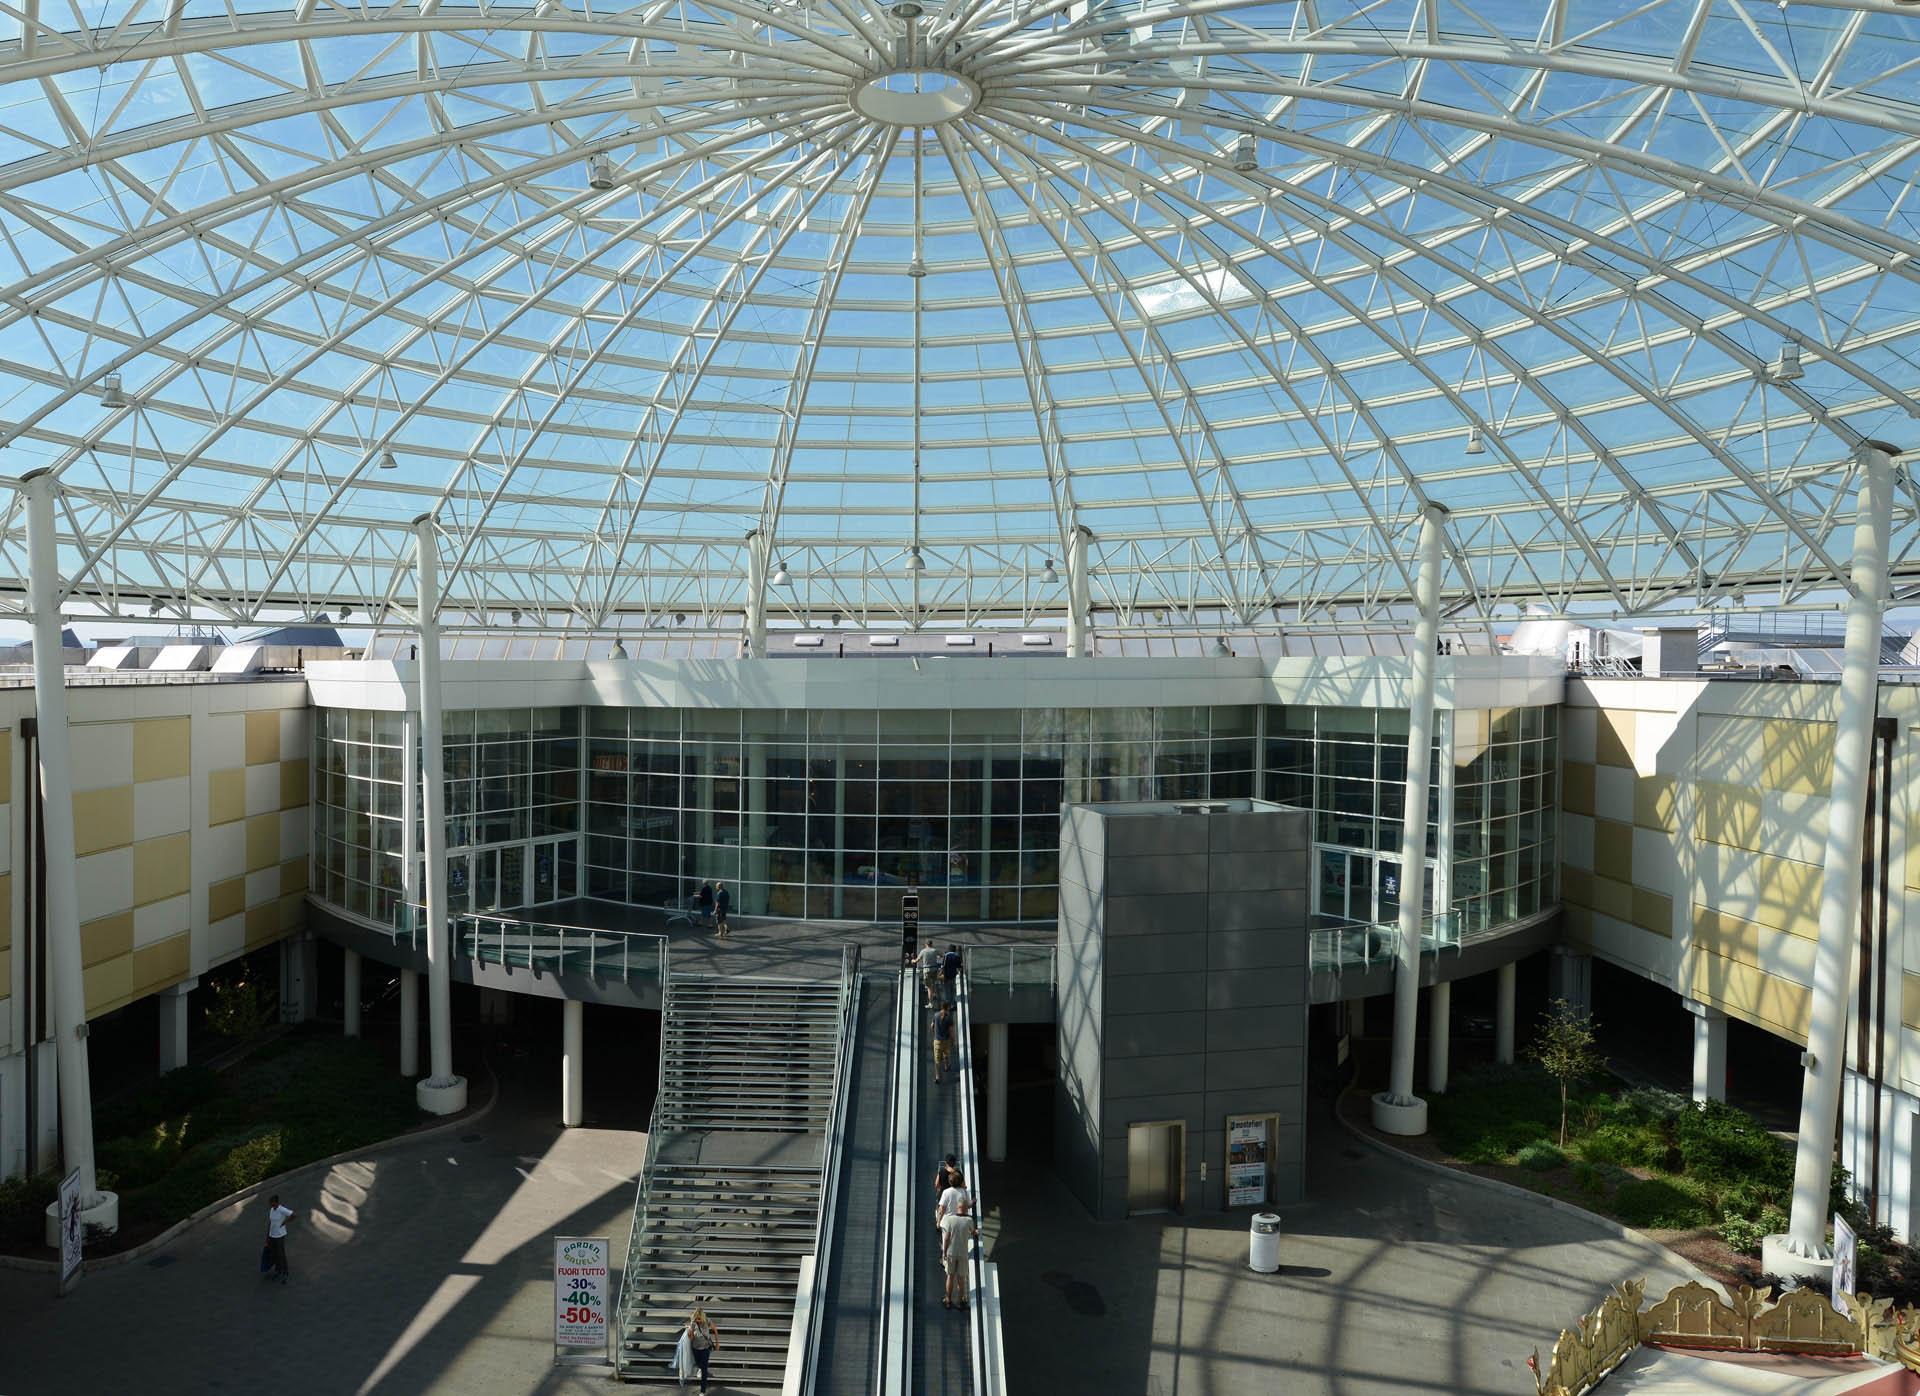 10 Studio Bacchi architetti associati Puntadiferro img 10